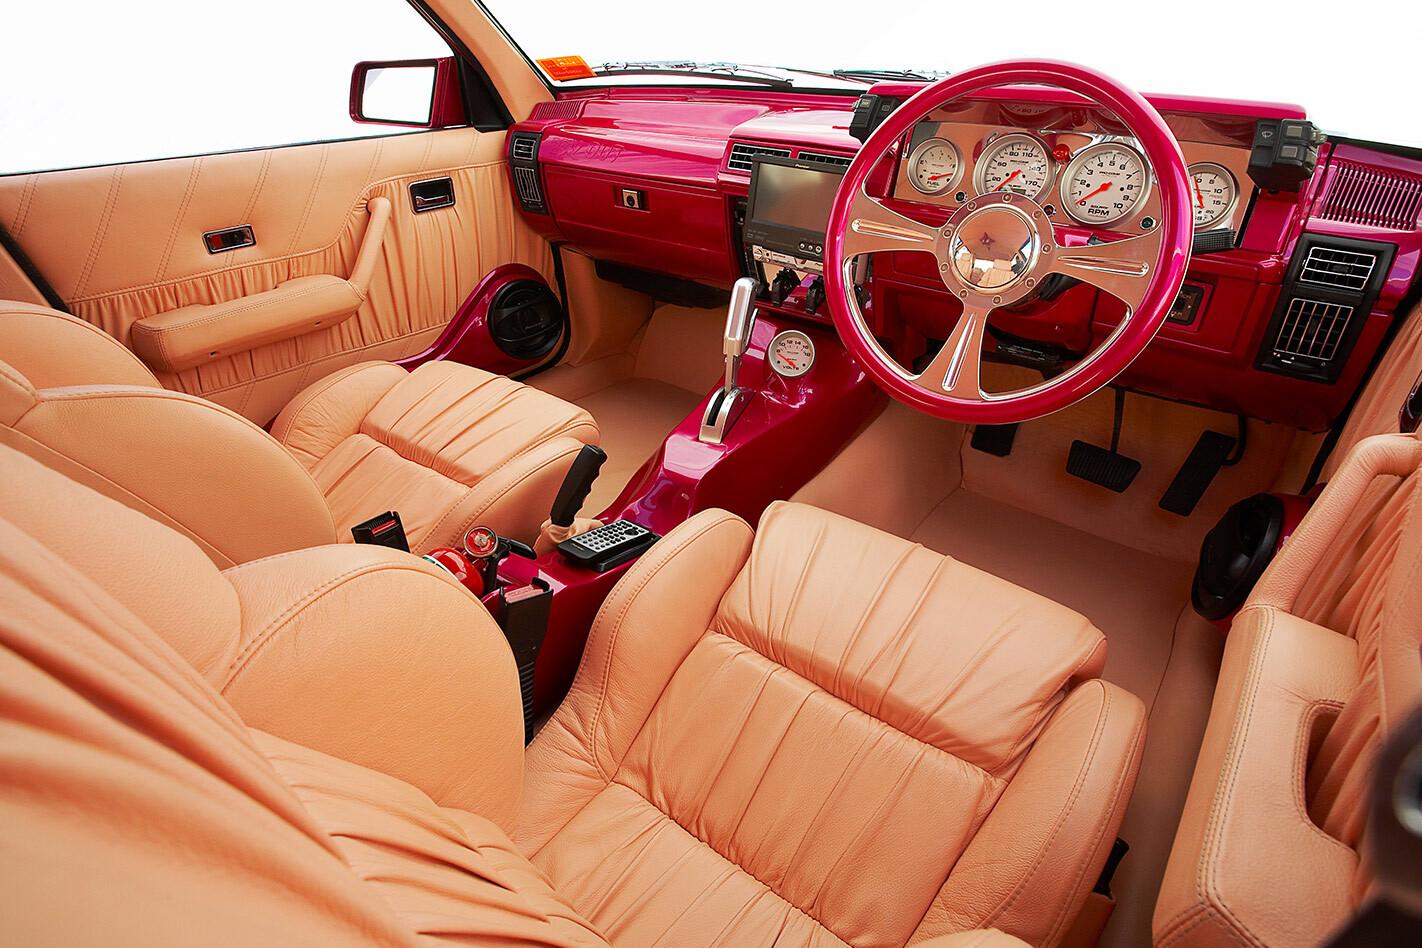 Holden VL Calais interior front